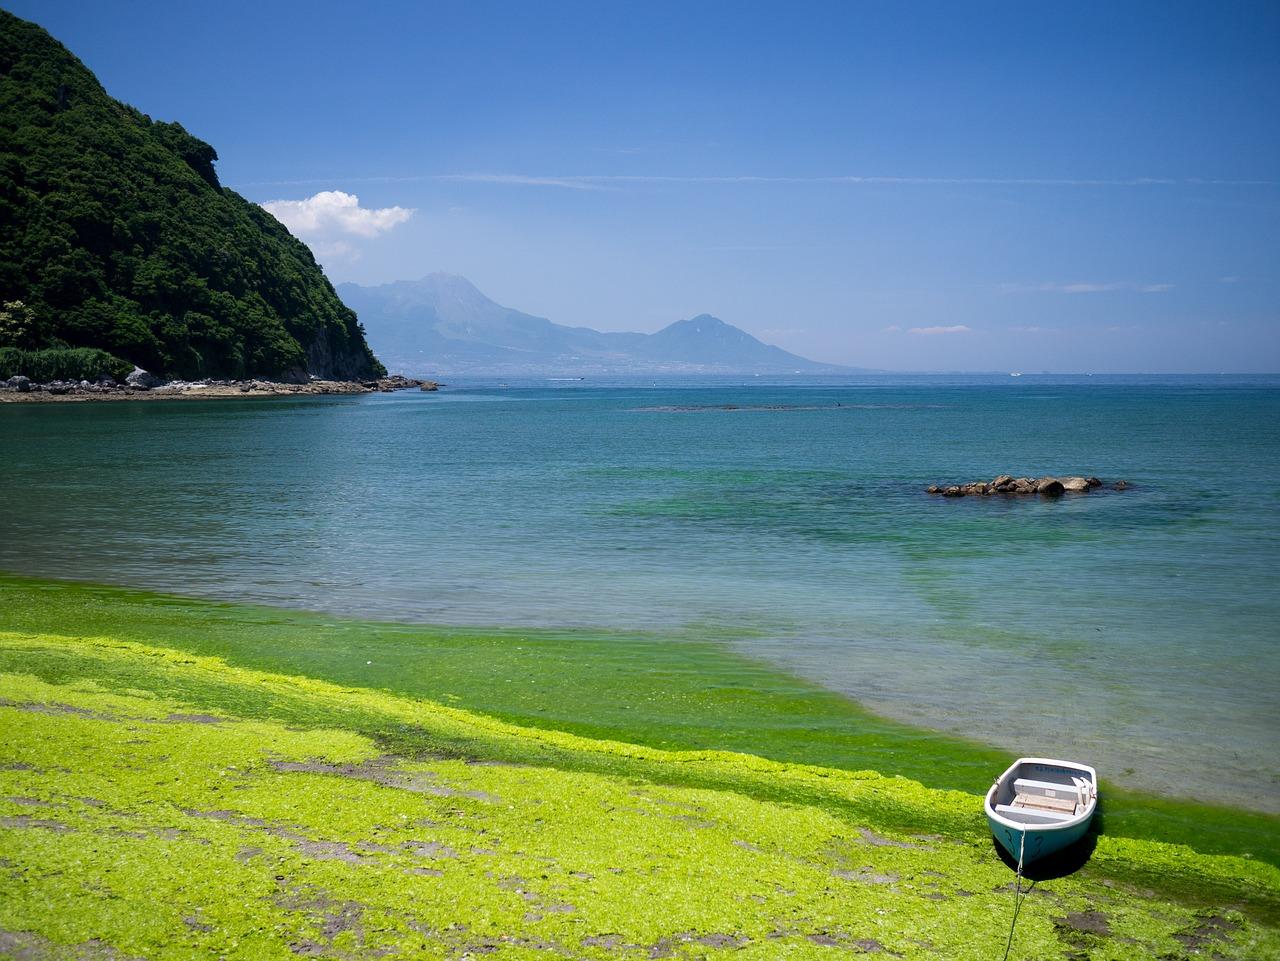 熊本の海岸の天草